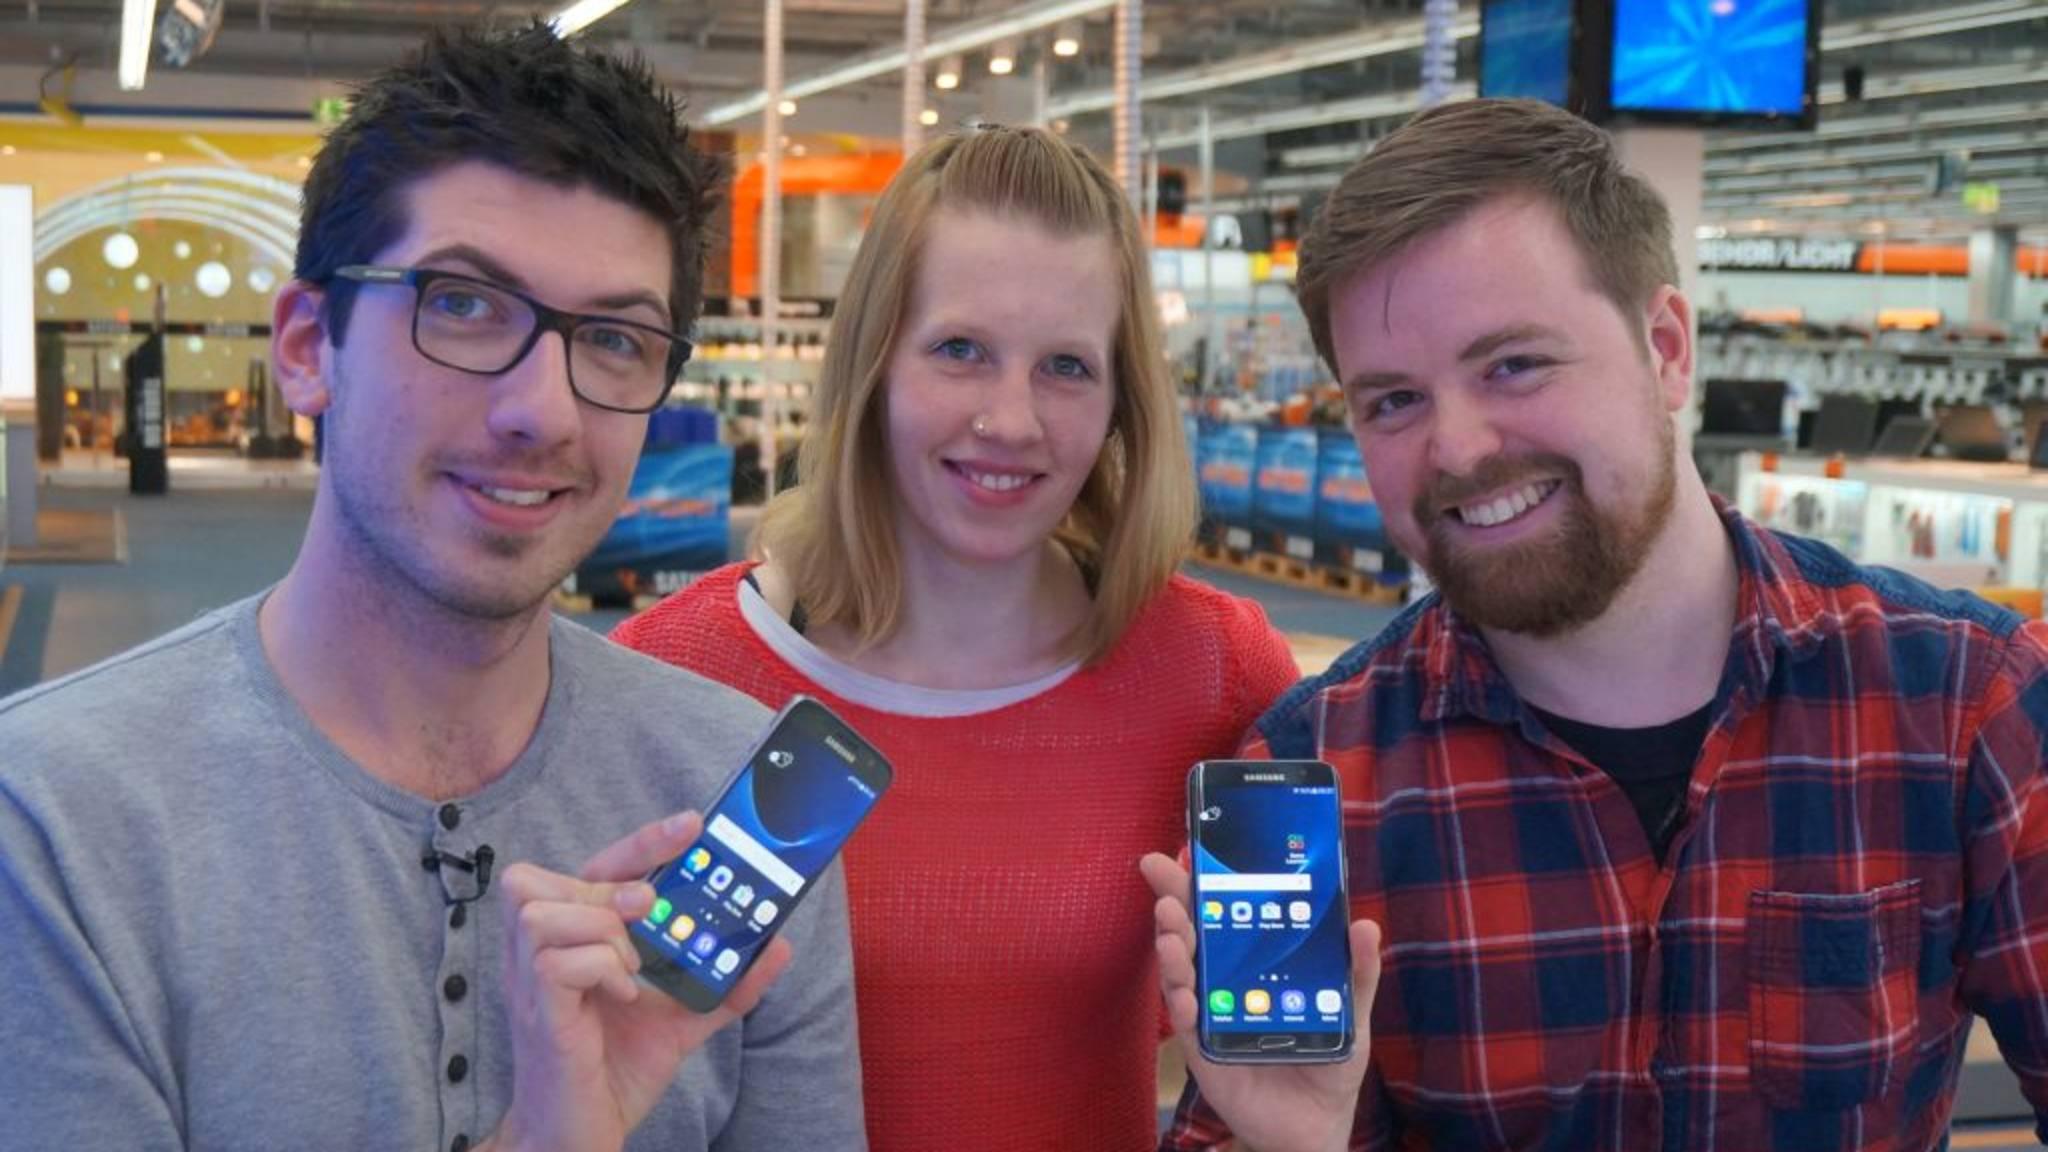 Alex-Jens-Franzi-Samsung-Galaxy-S7-turn-on-2